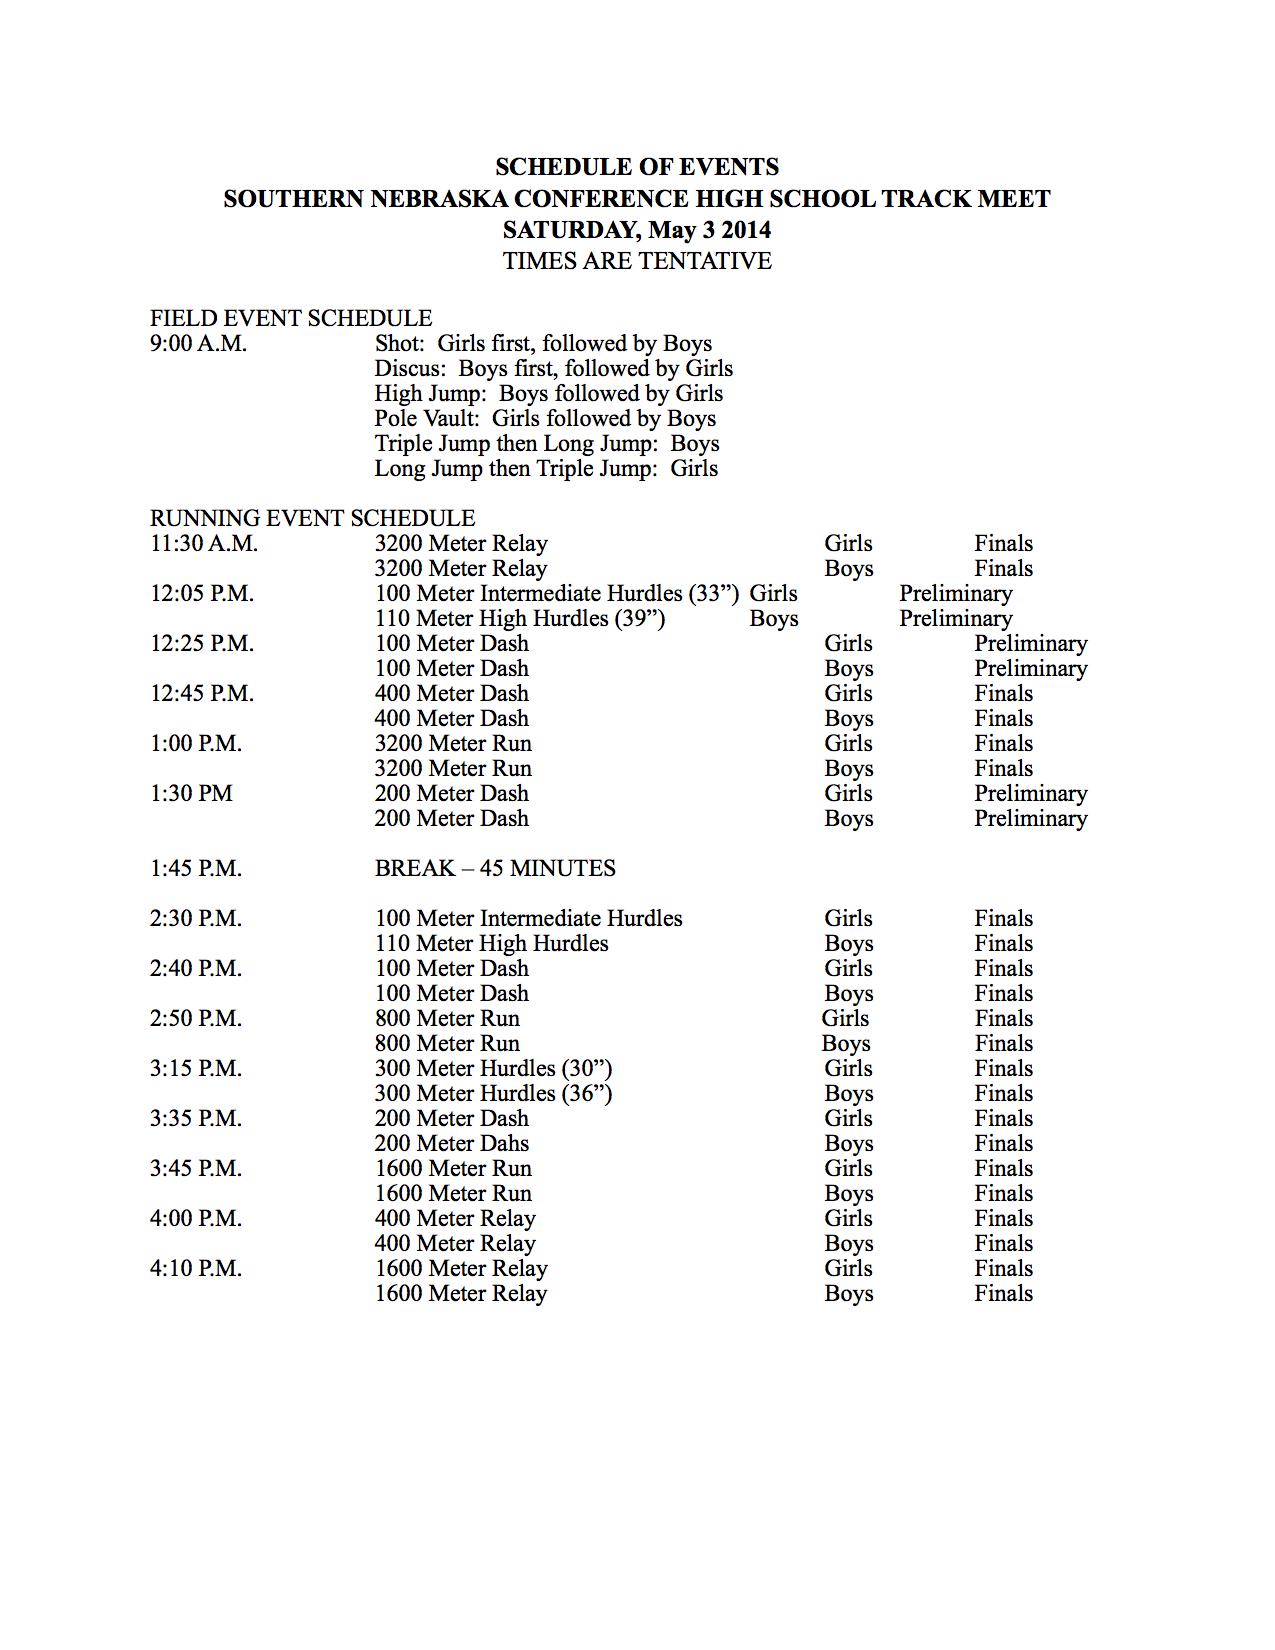 meet schedule of events